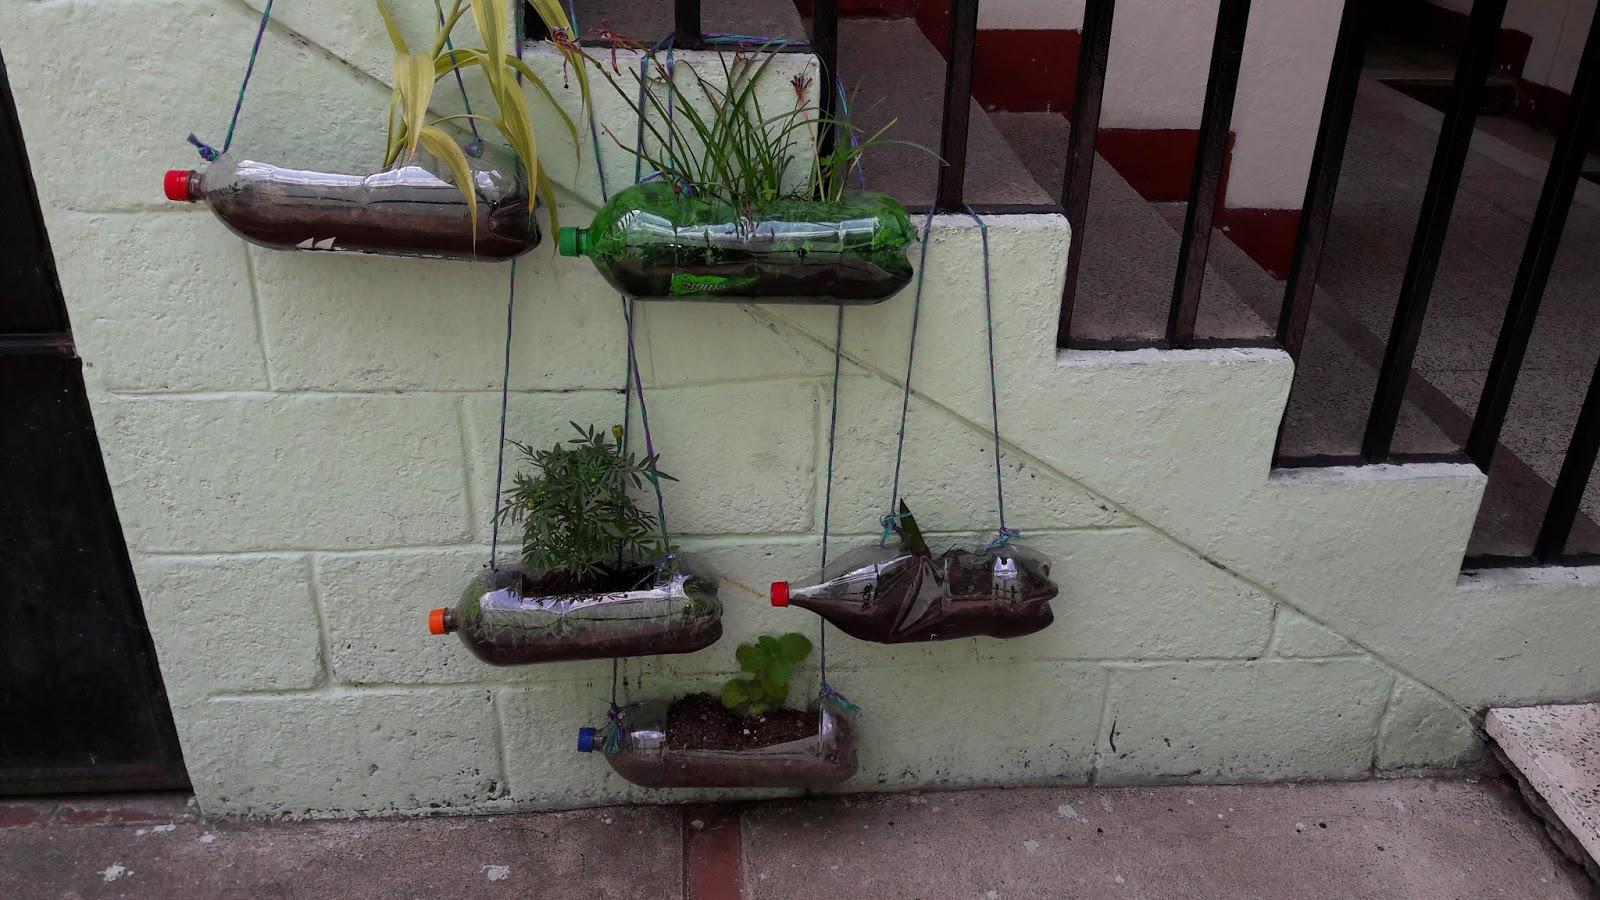 Didactica de botanica proyecto de agrotecnologia jardines for Materiales para jardines verticales